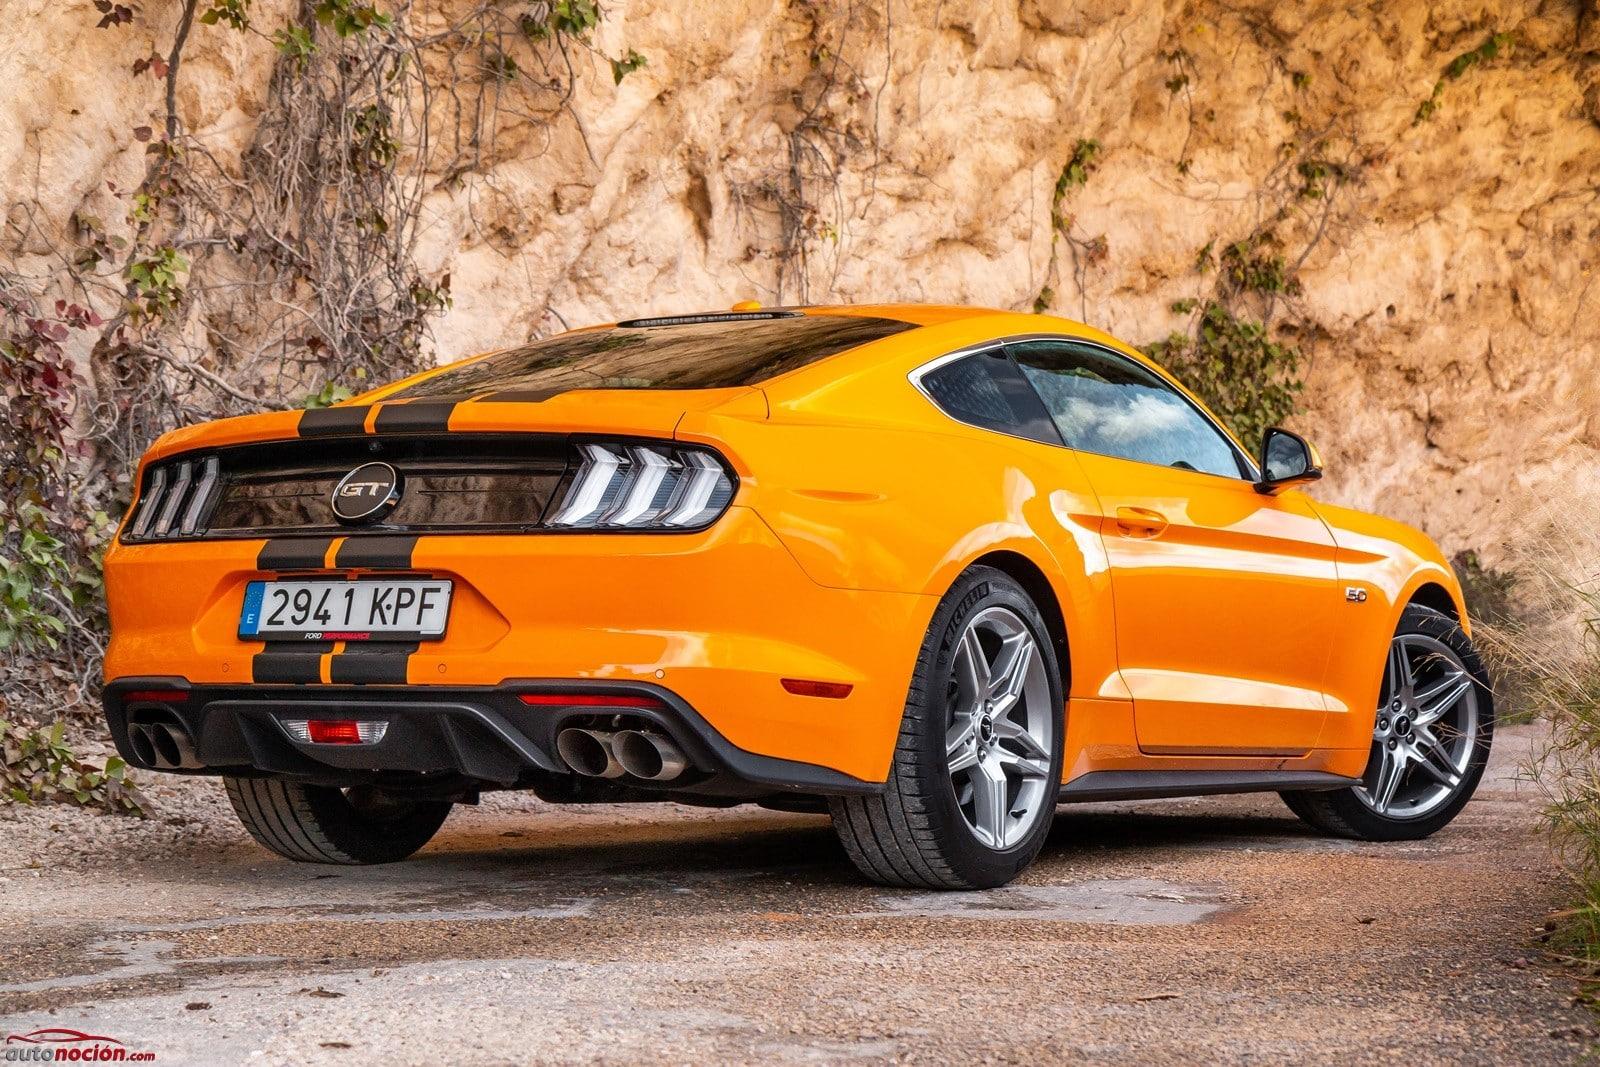 53ca00a6 En medidas, el Ford Mustang GT alcanza los 4.79 metros de largo, 1.92  metros de ancho y 1.38 metros de alto, por lo que no hablamos de un coche  precisamente ...